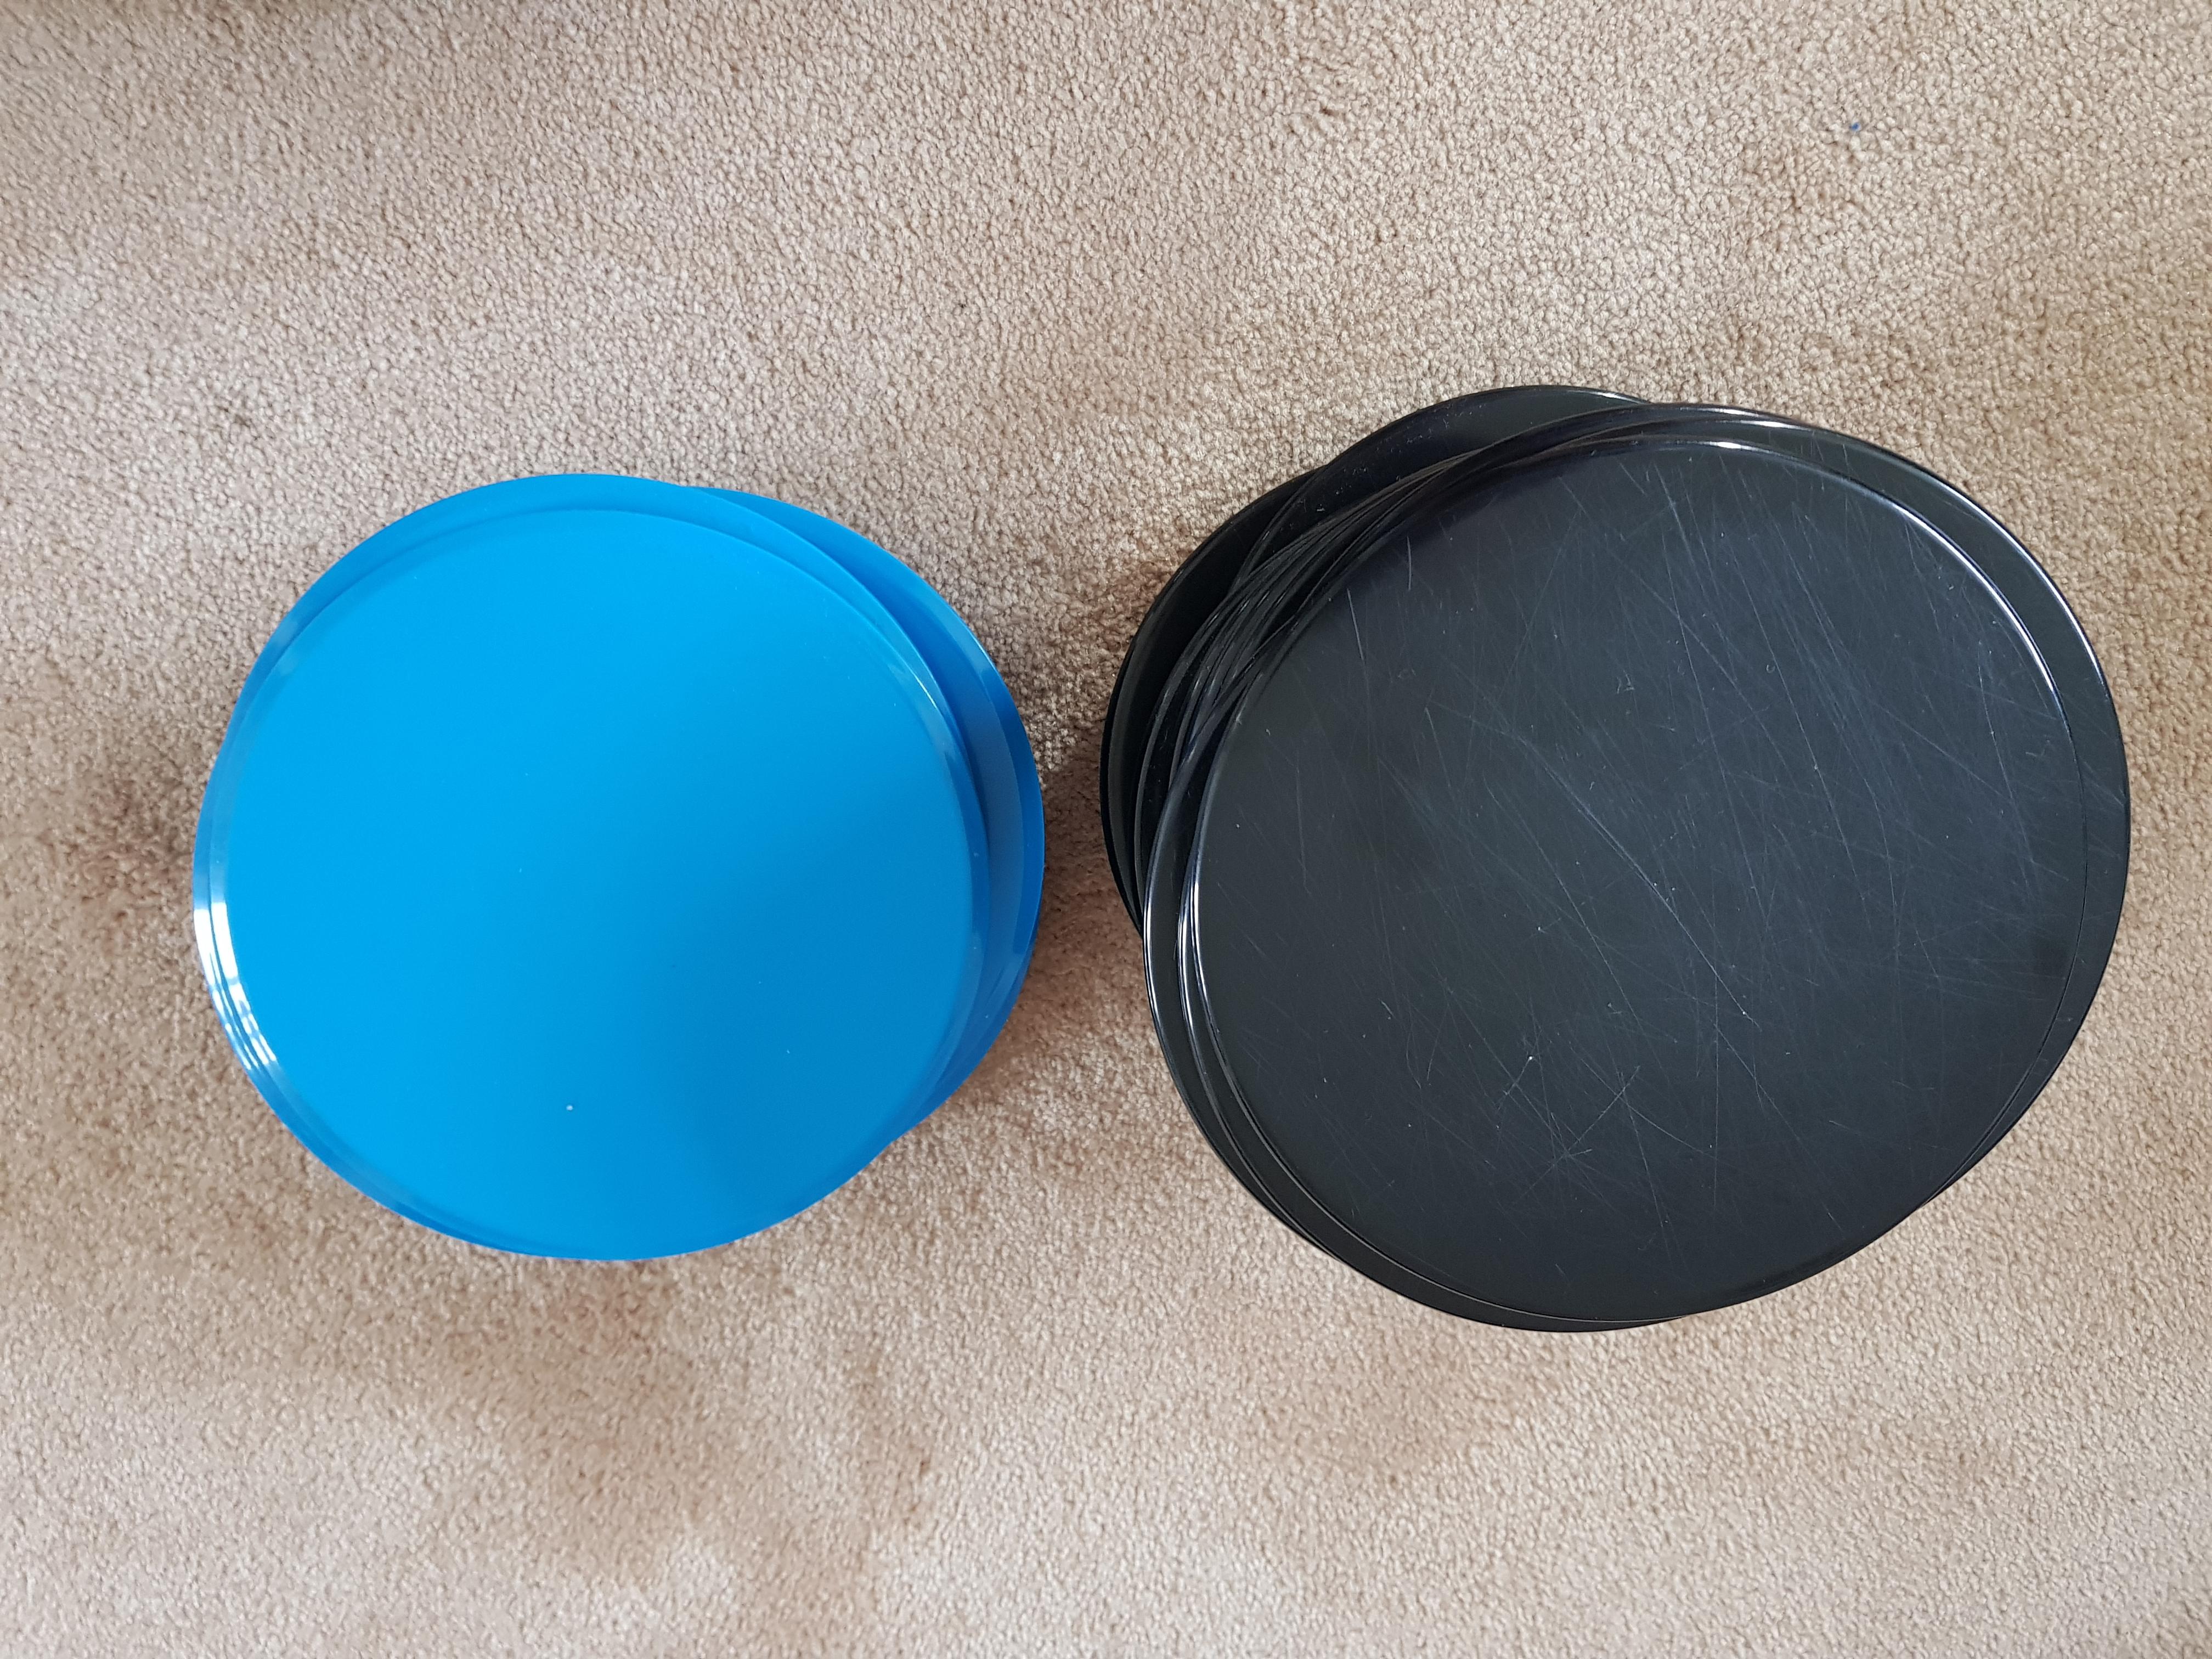 Sliding disks